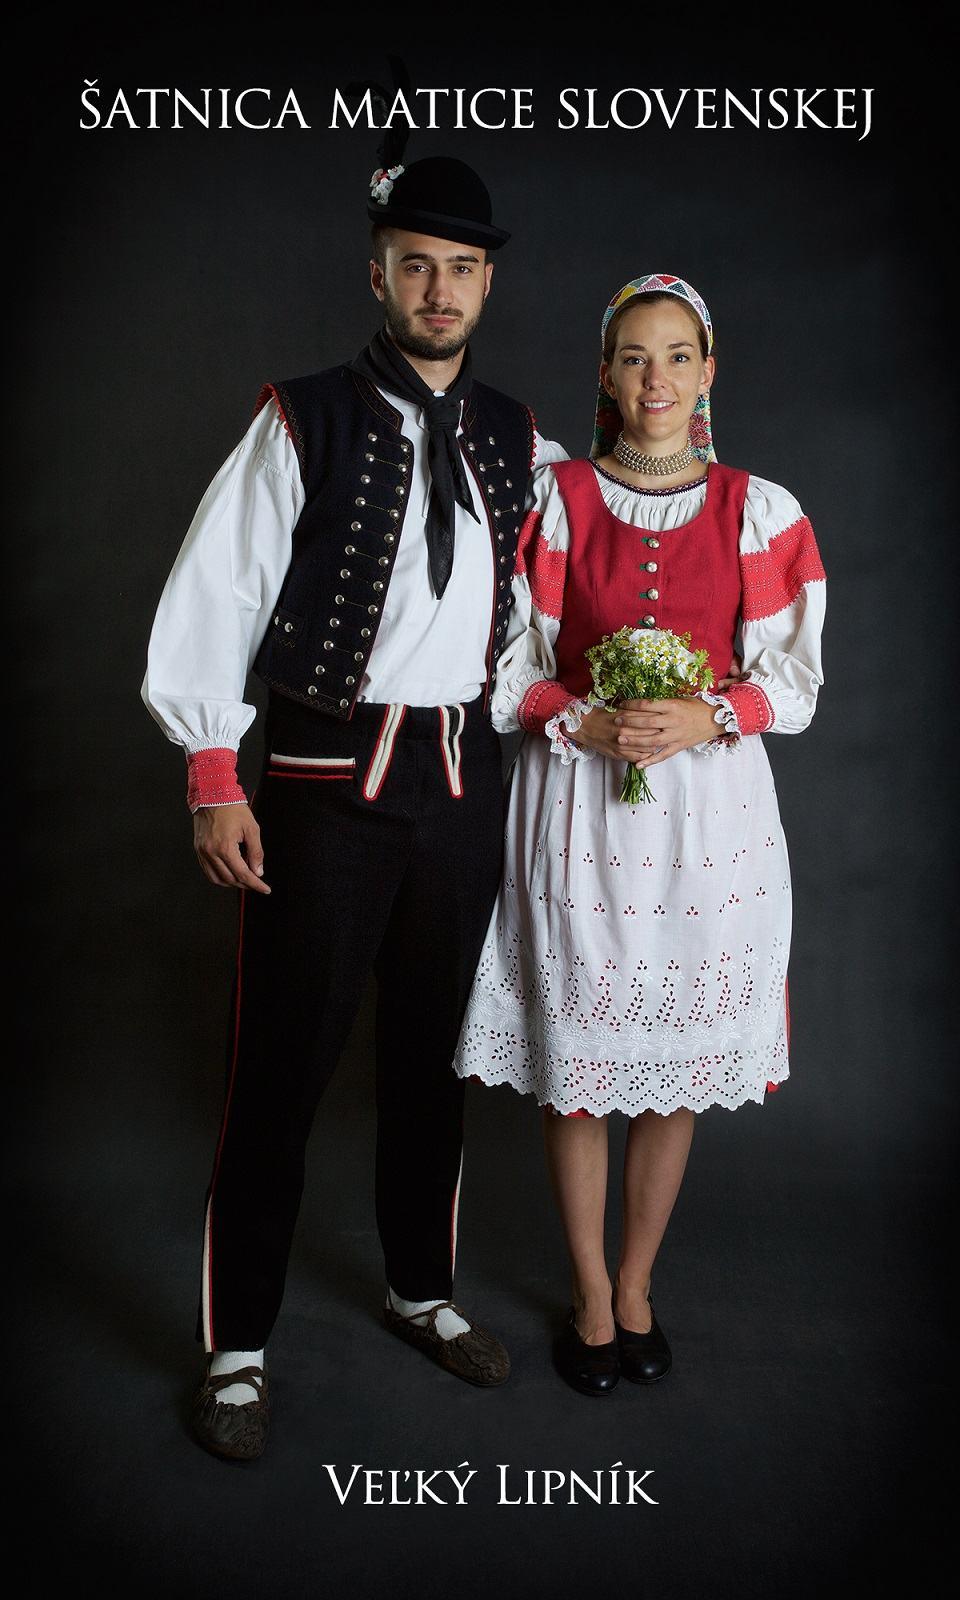 Obrázek Velky-Lipnik